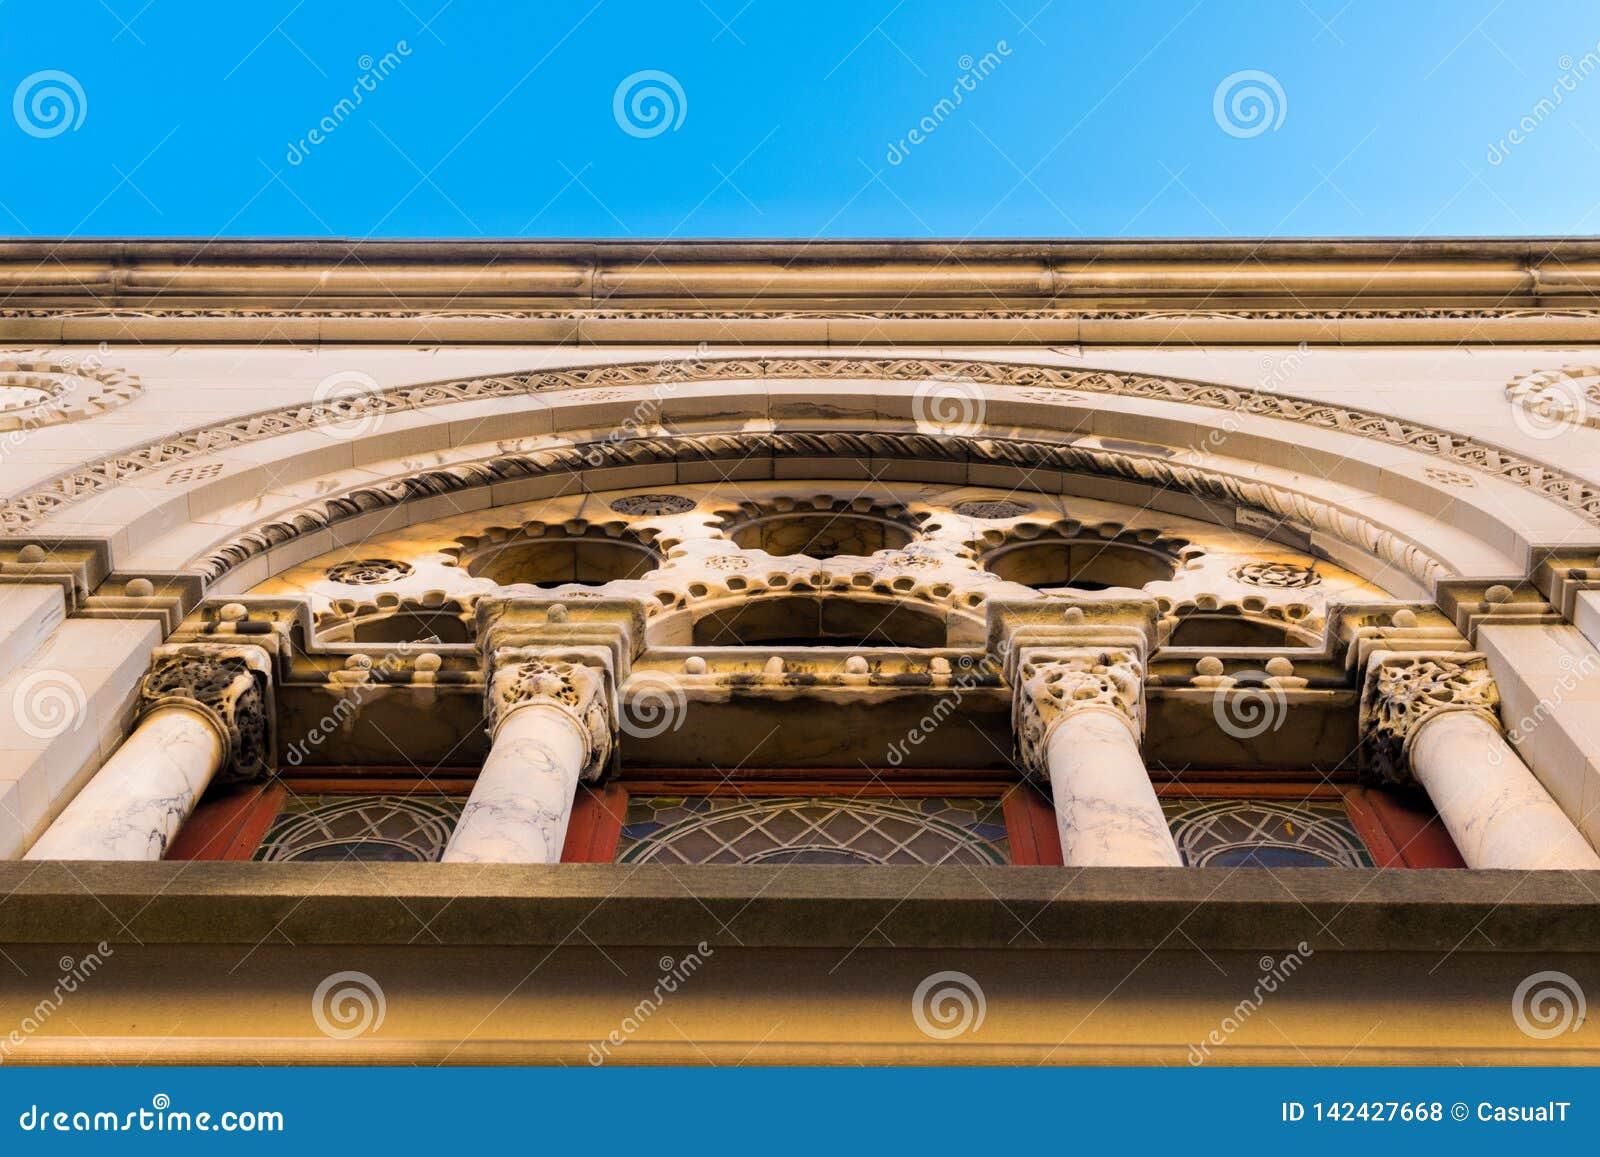 Arquitetura fantástica no exterior de uma igreja pequena em Harlem, Manhattan, New York City, NY, EUA